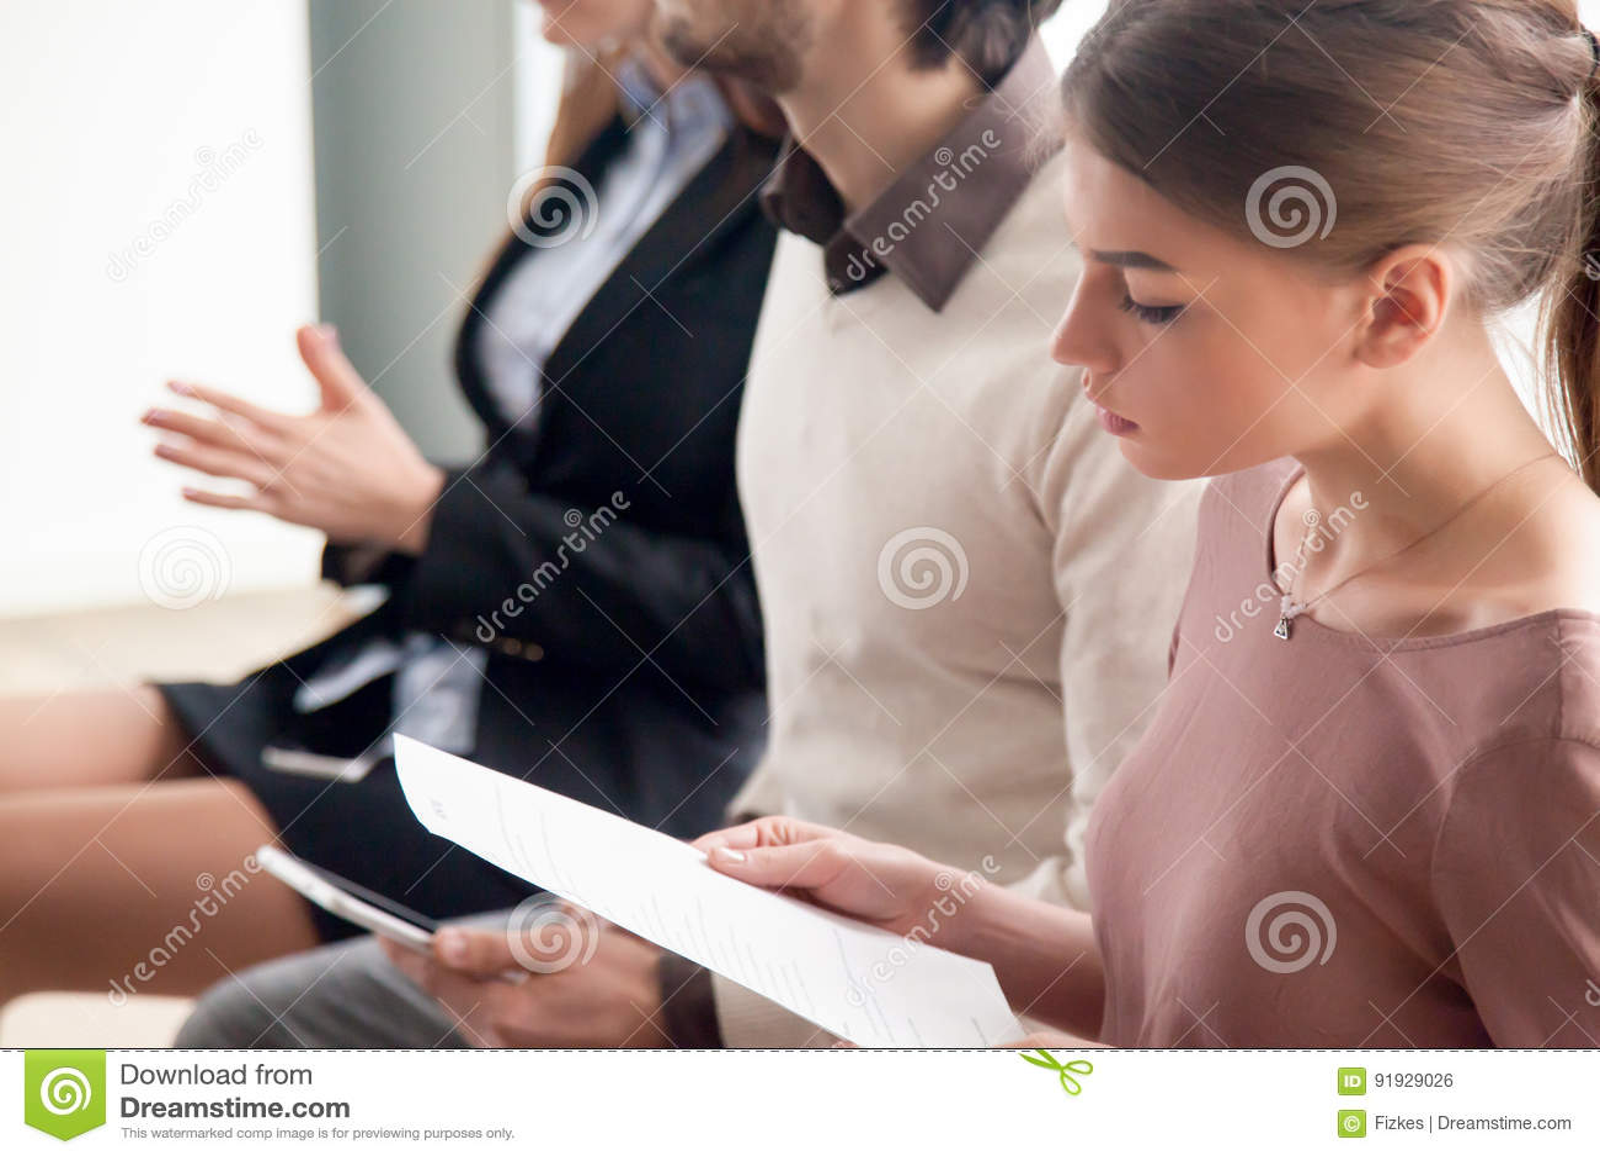 青年人等待的工作面试、试演或者训练ind